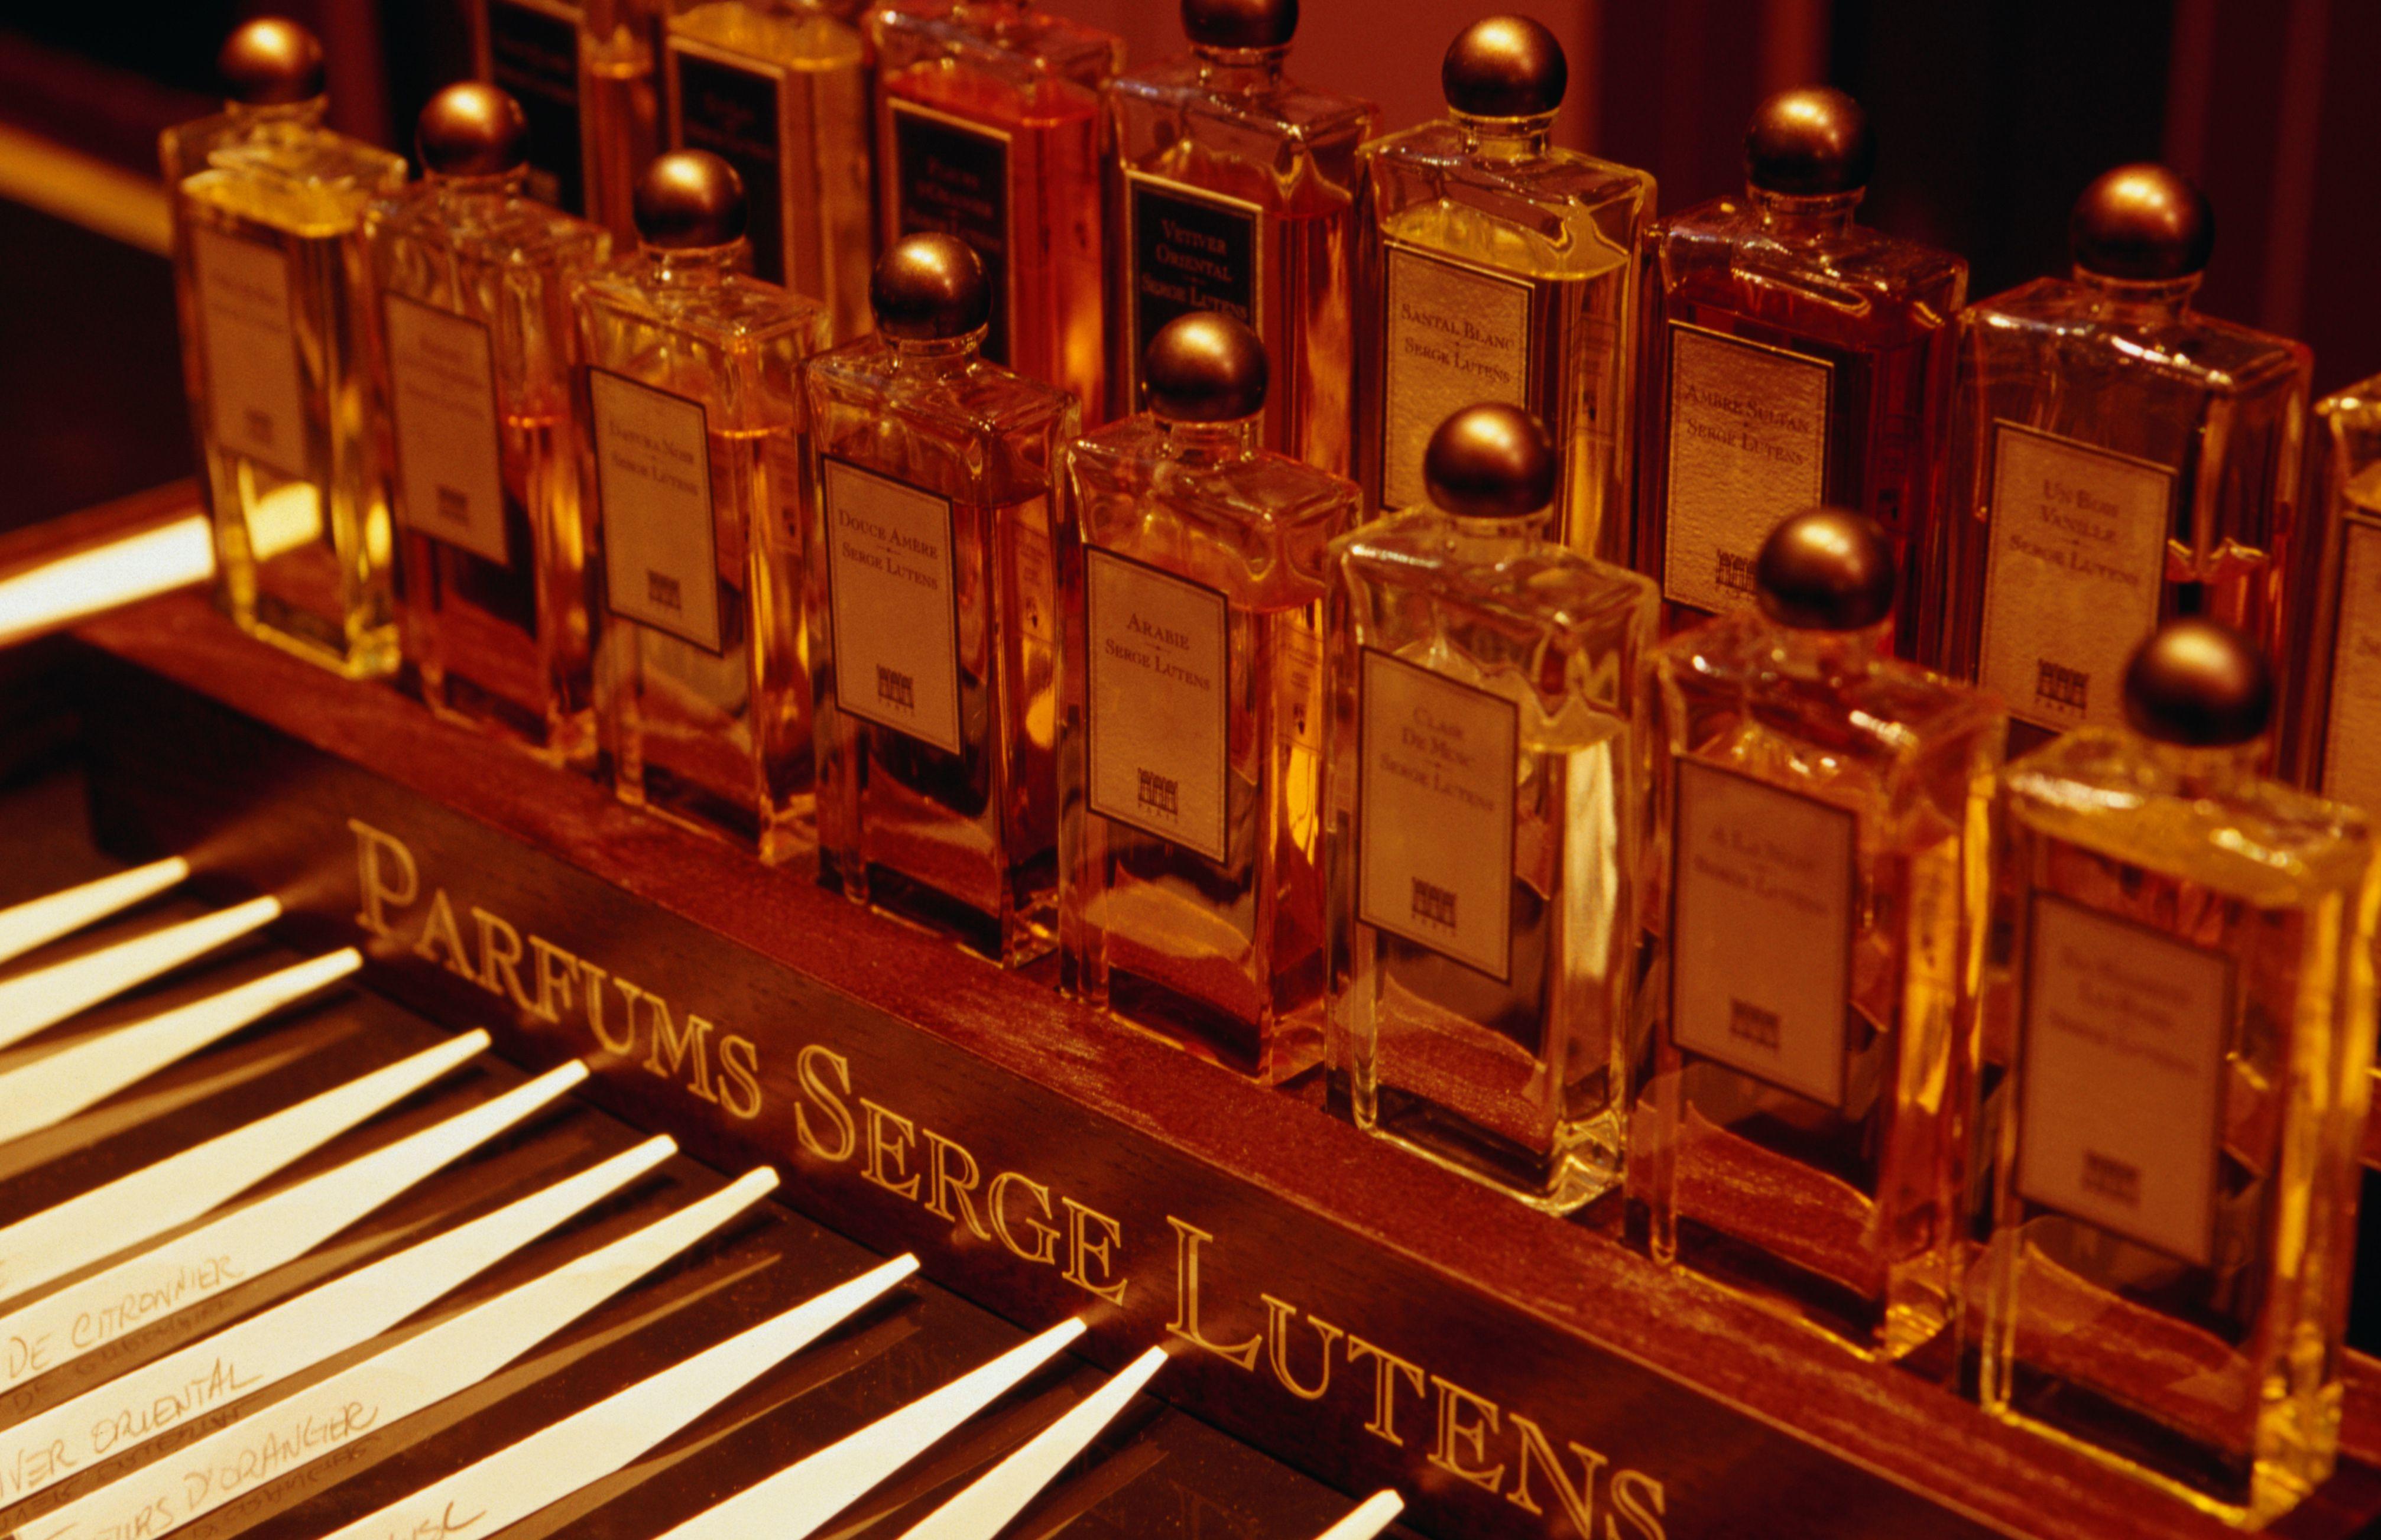 Serge Lutens is a favorite perfumer in Paris.